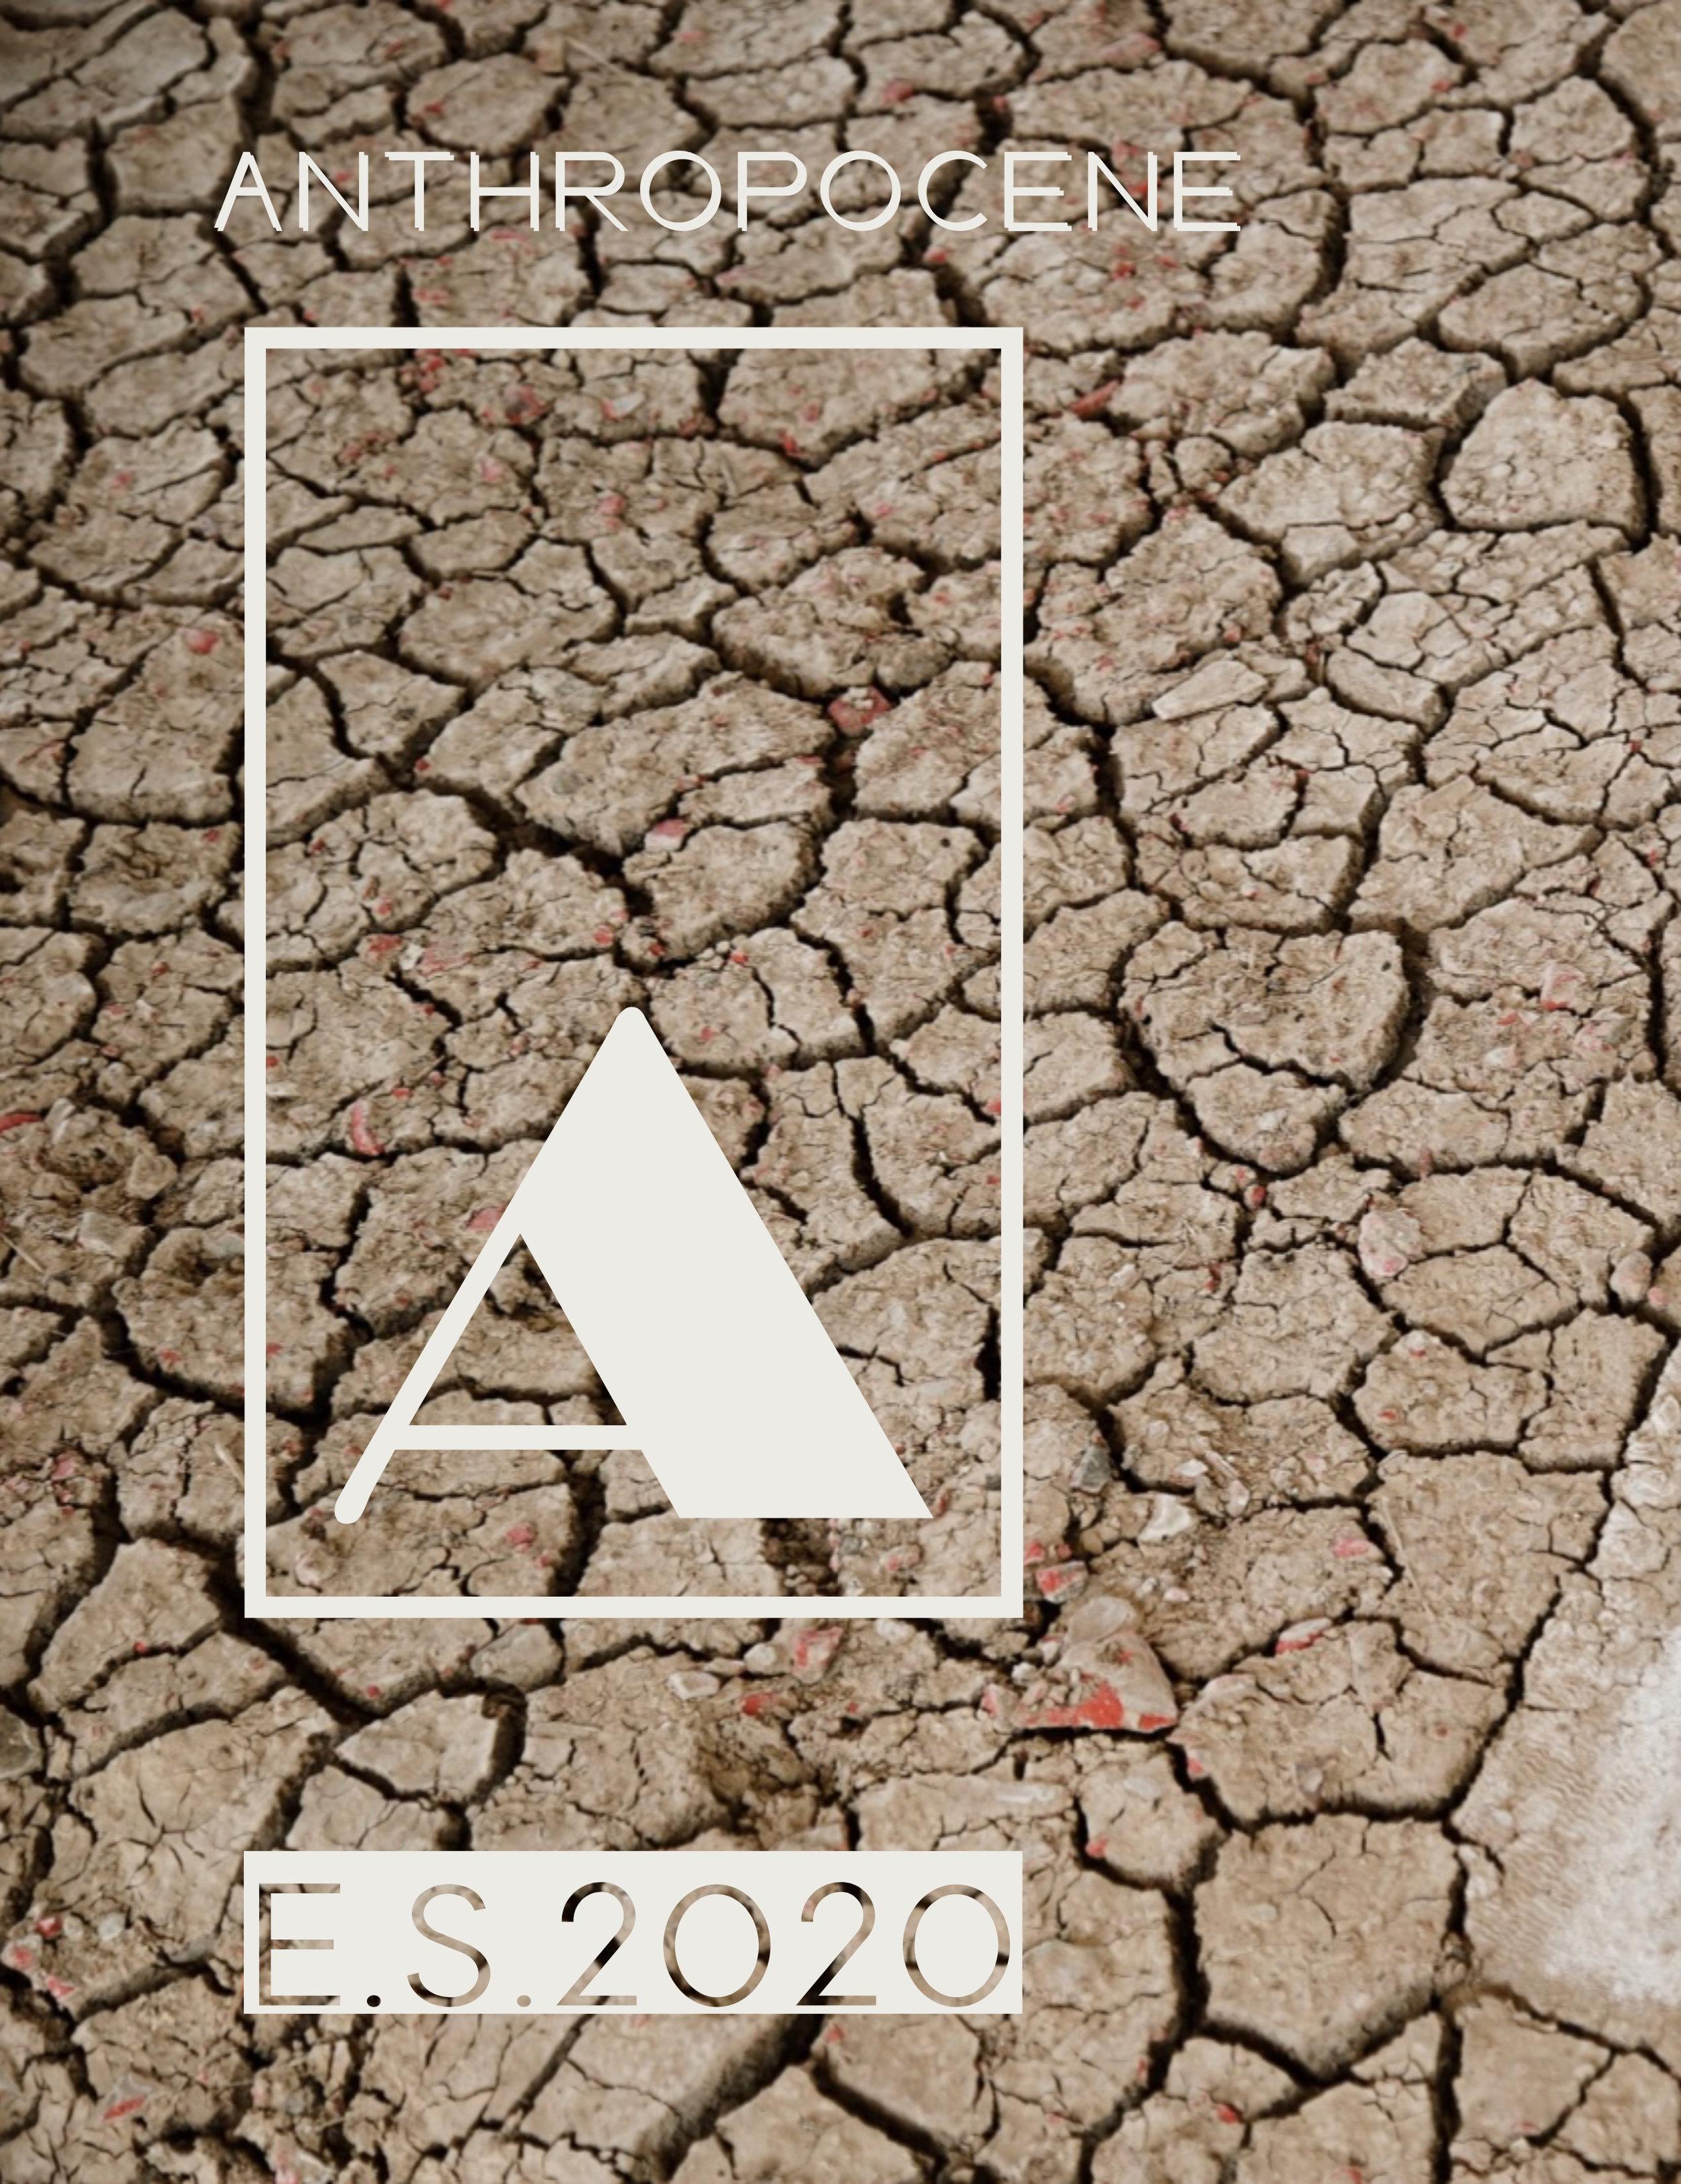 E.S.2020 Anthropocene Courtney Barriger